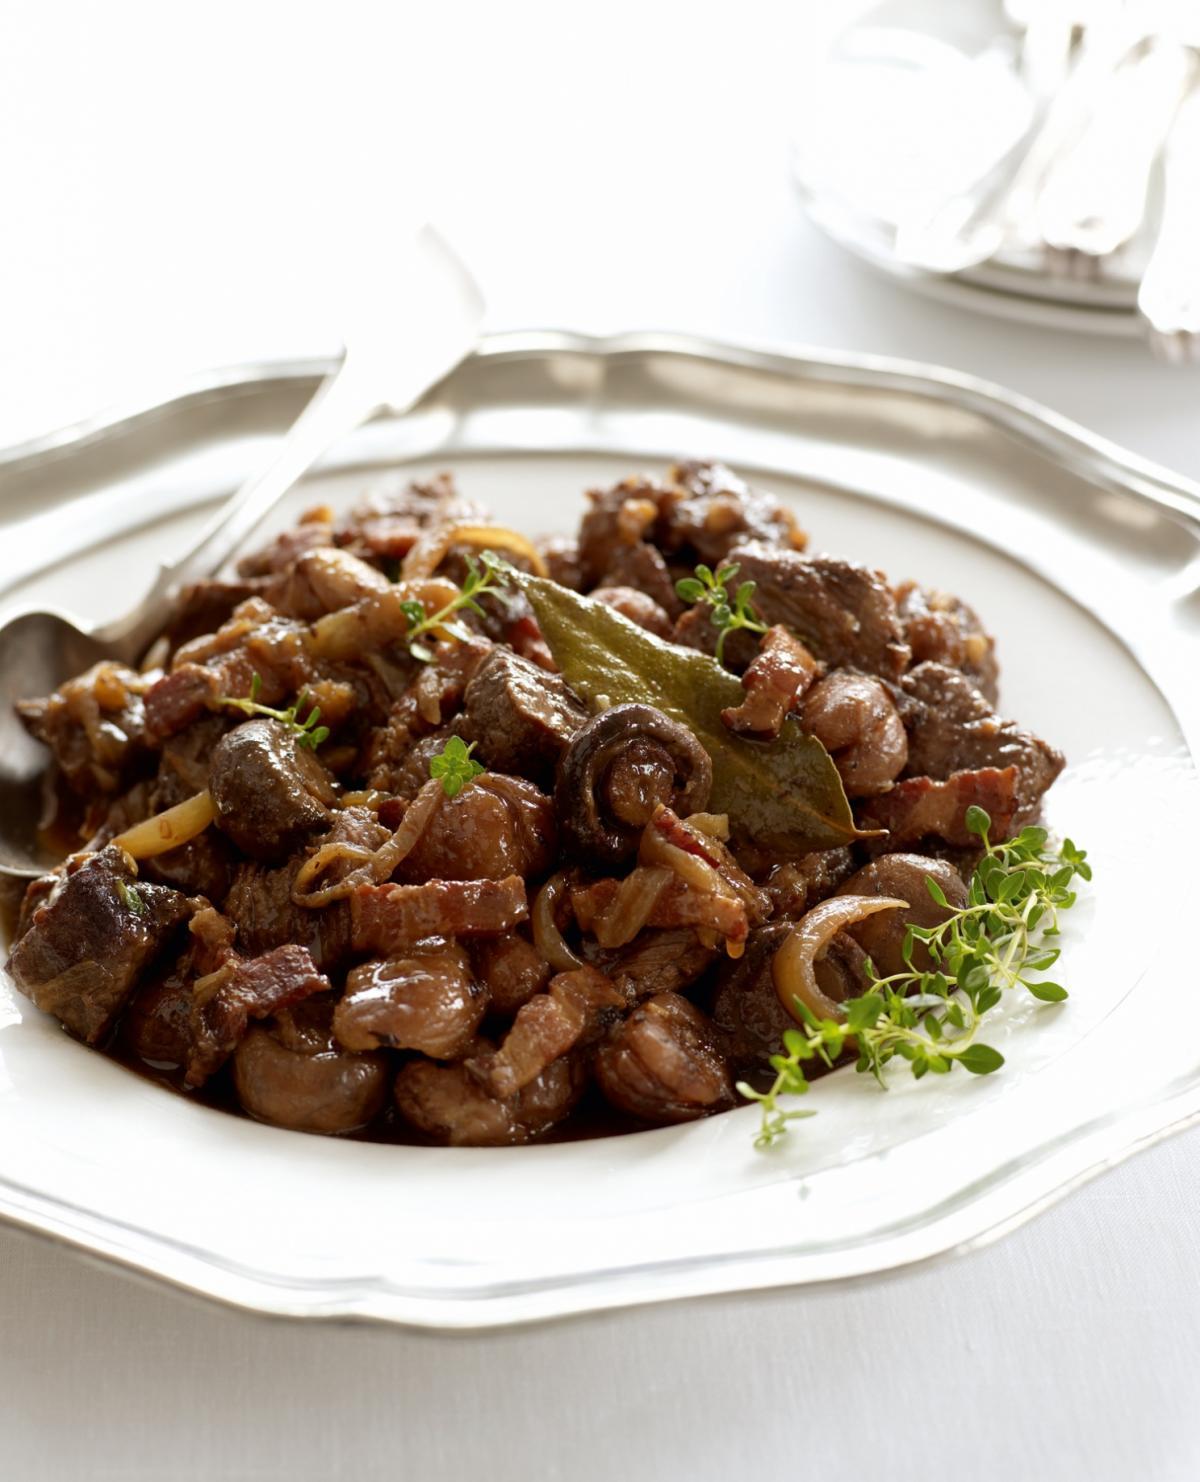 A picture of Delia's Venison recipes